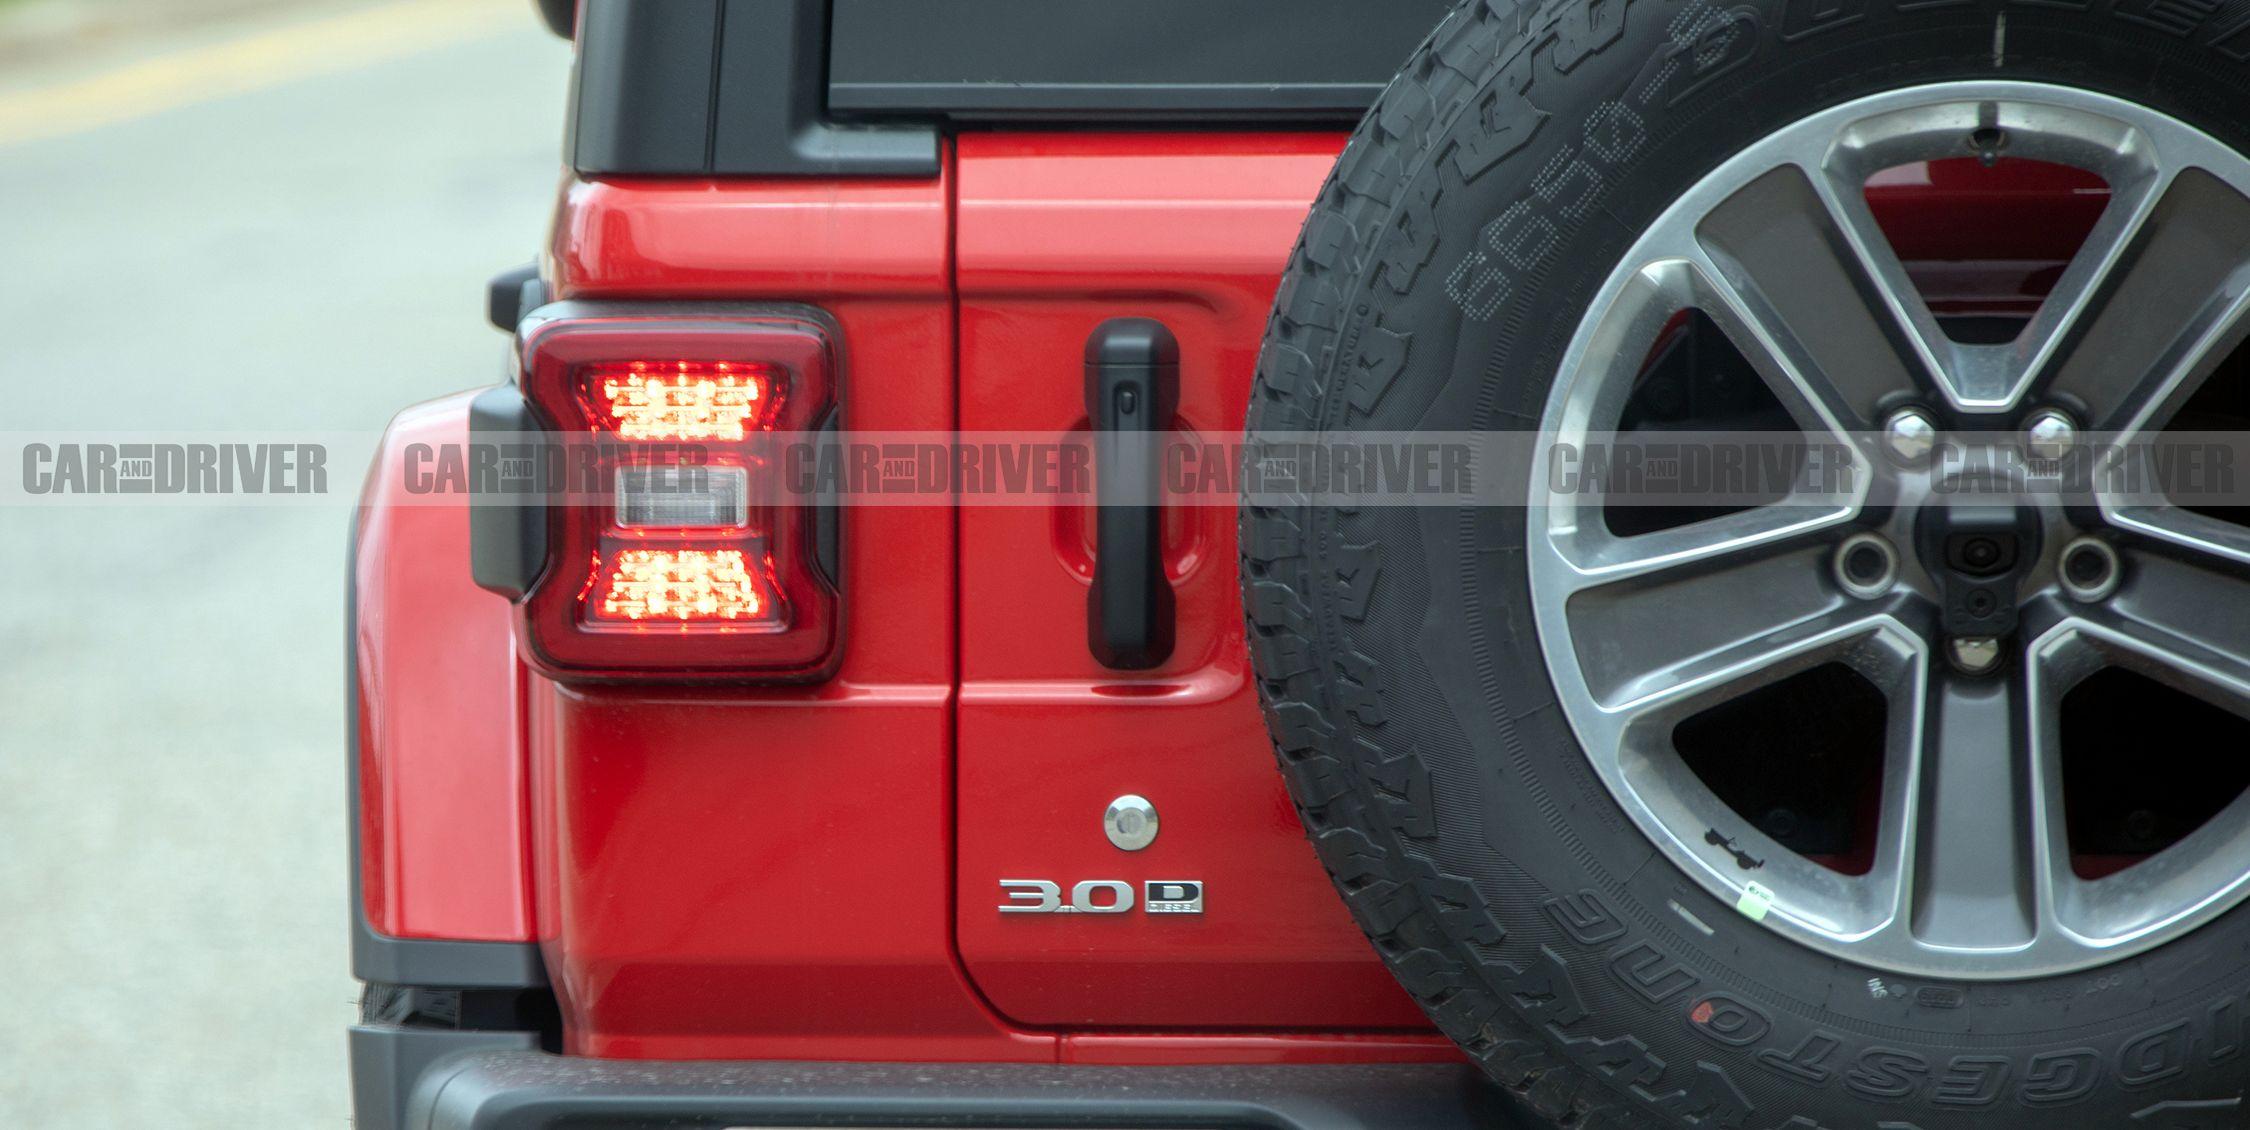 Diesel-Powered Jeep Wrangler Spied Wearing Distinct Badge